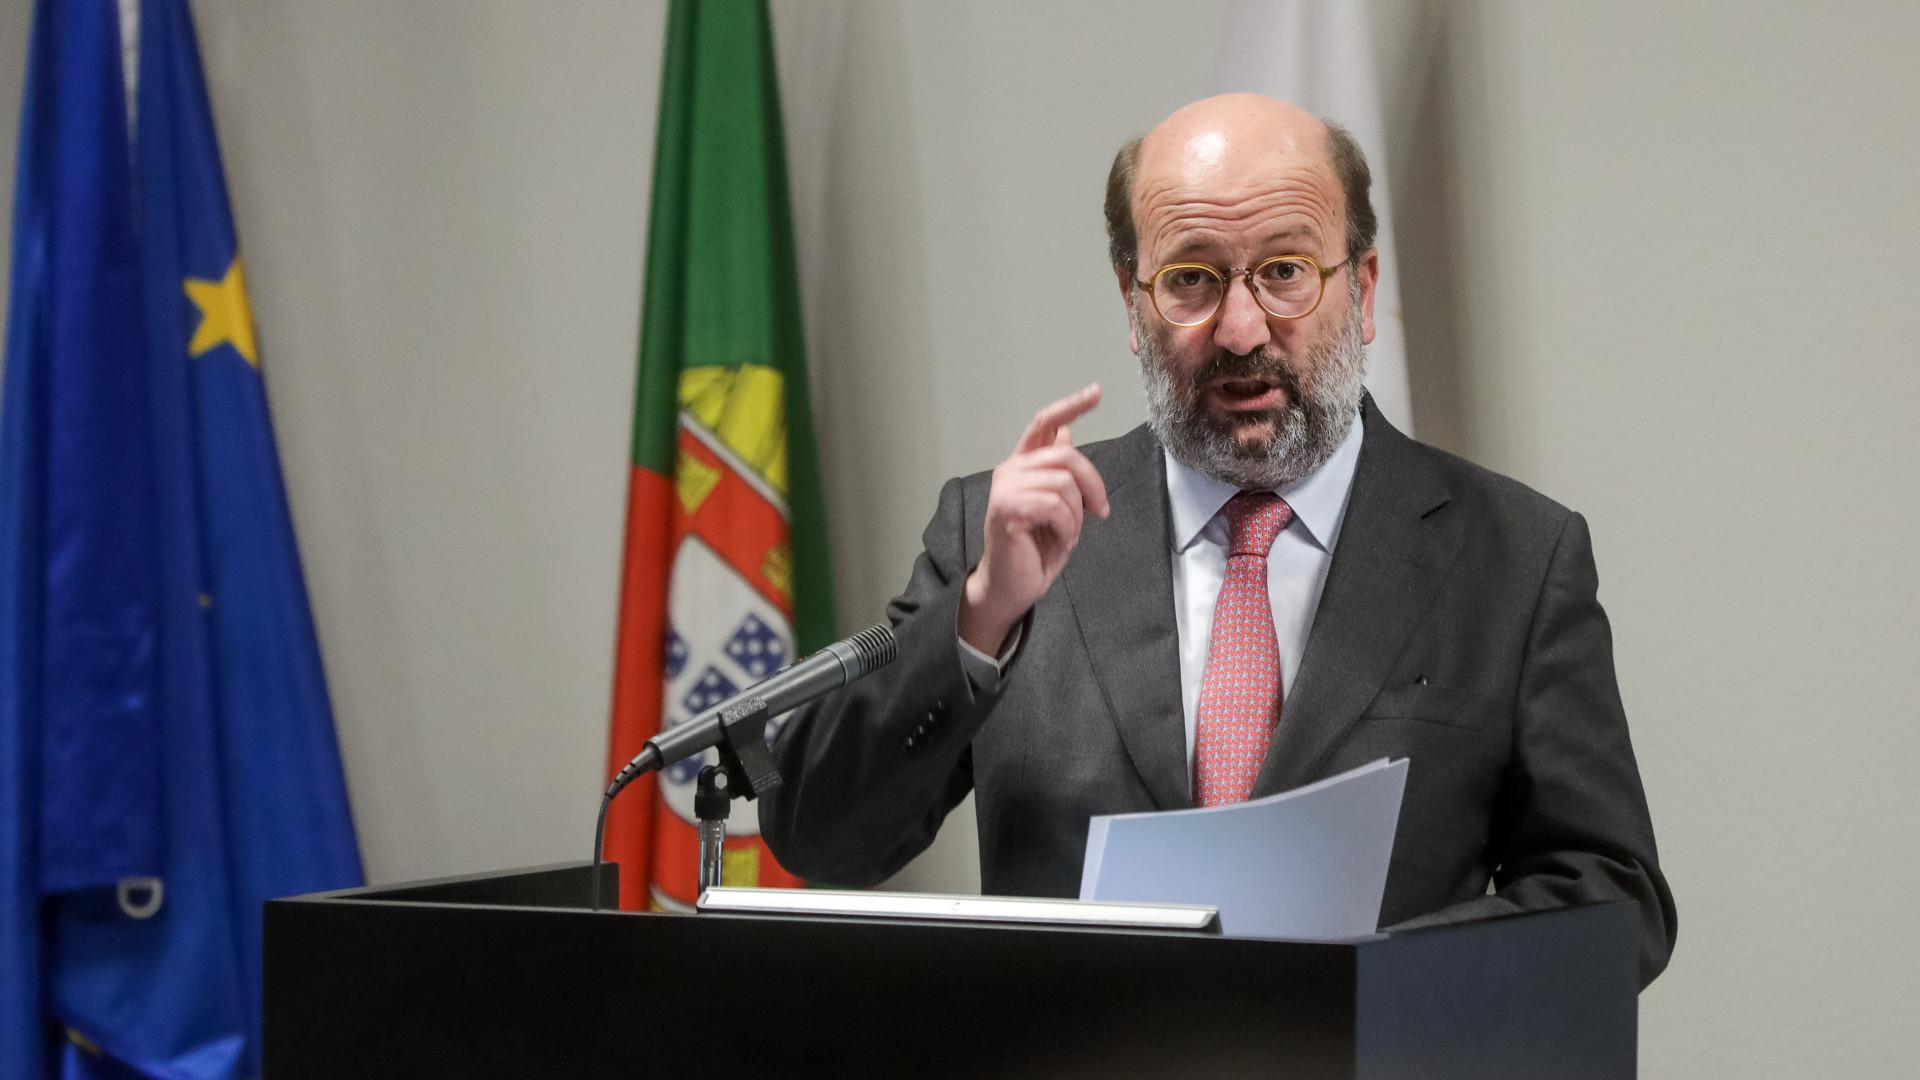 Valores de oxigénio no Tejo já cumprem exigências, diz ministro